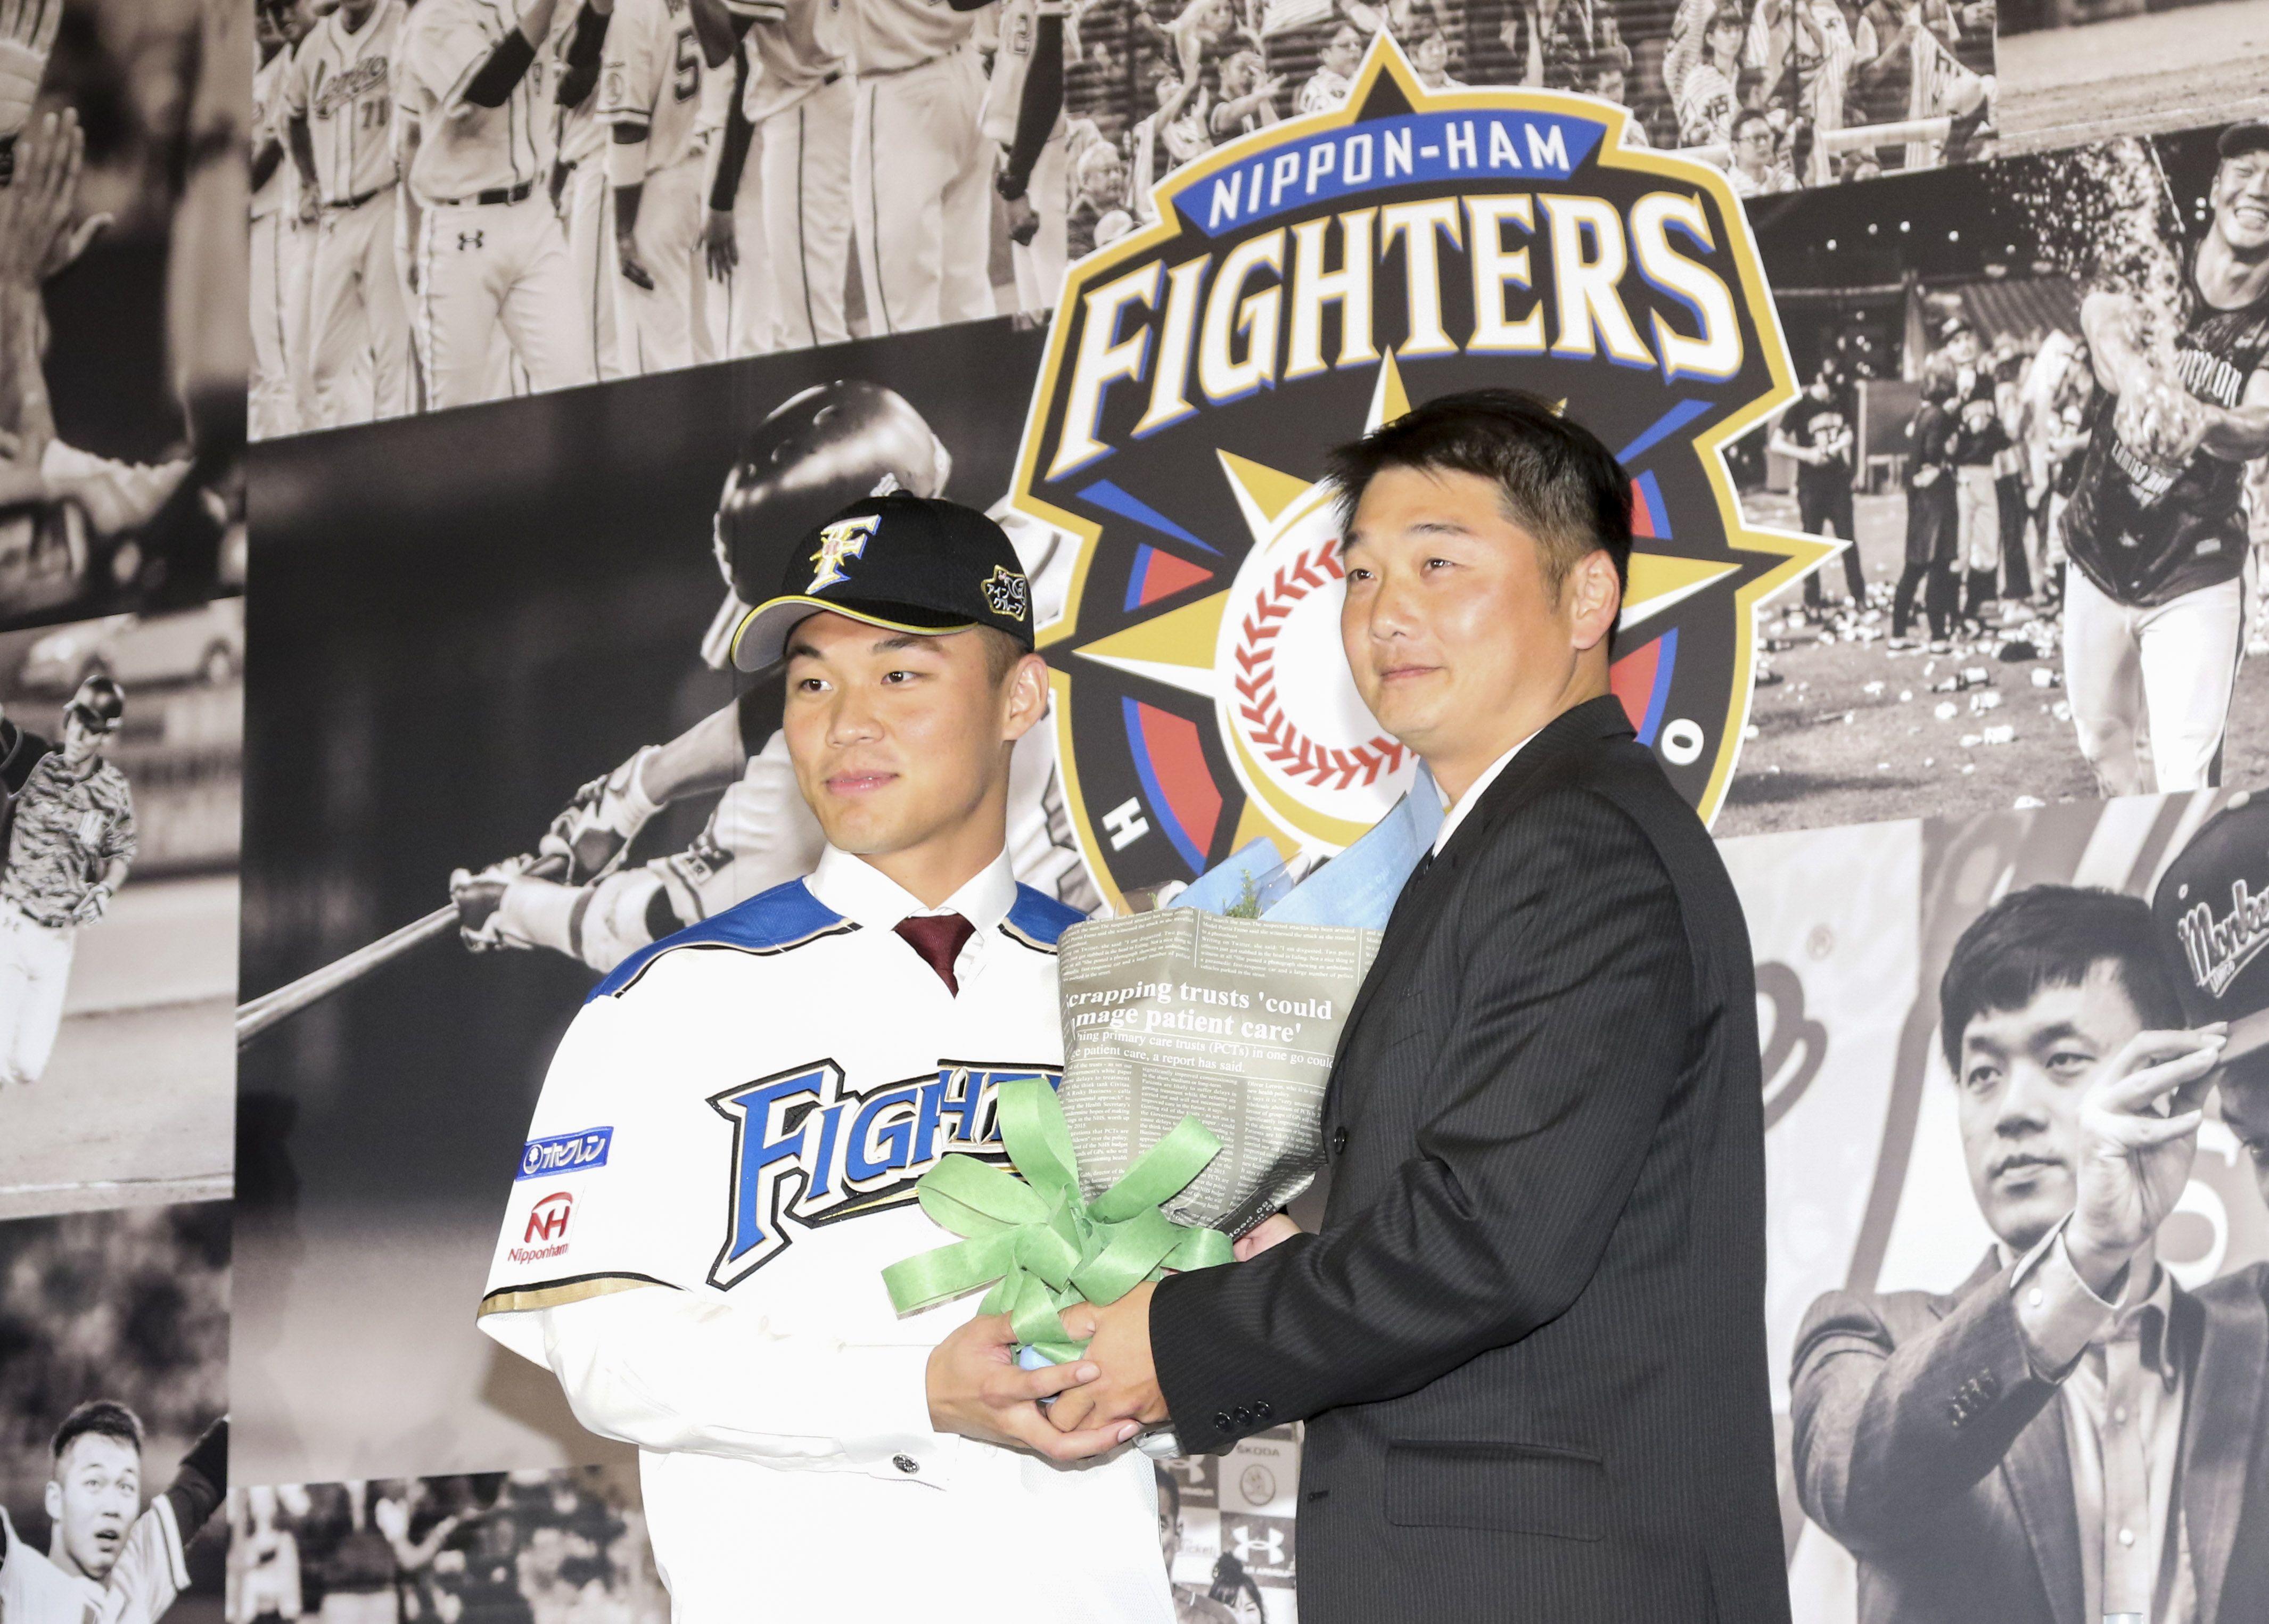 台灣強打王柏融與日本職棒火腿隊簽約,桃猿打擊教練曾豪駒獻花祝福。(記者林士傑/攝影)